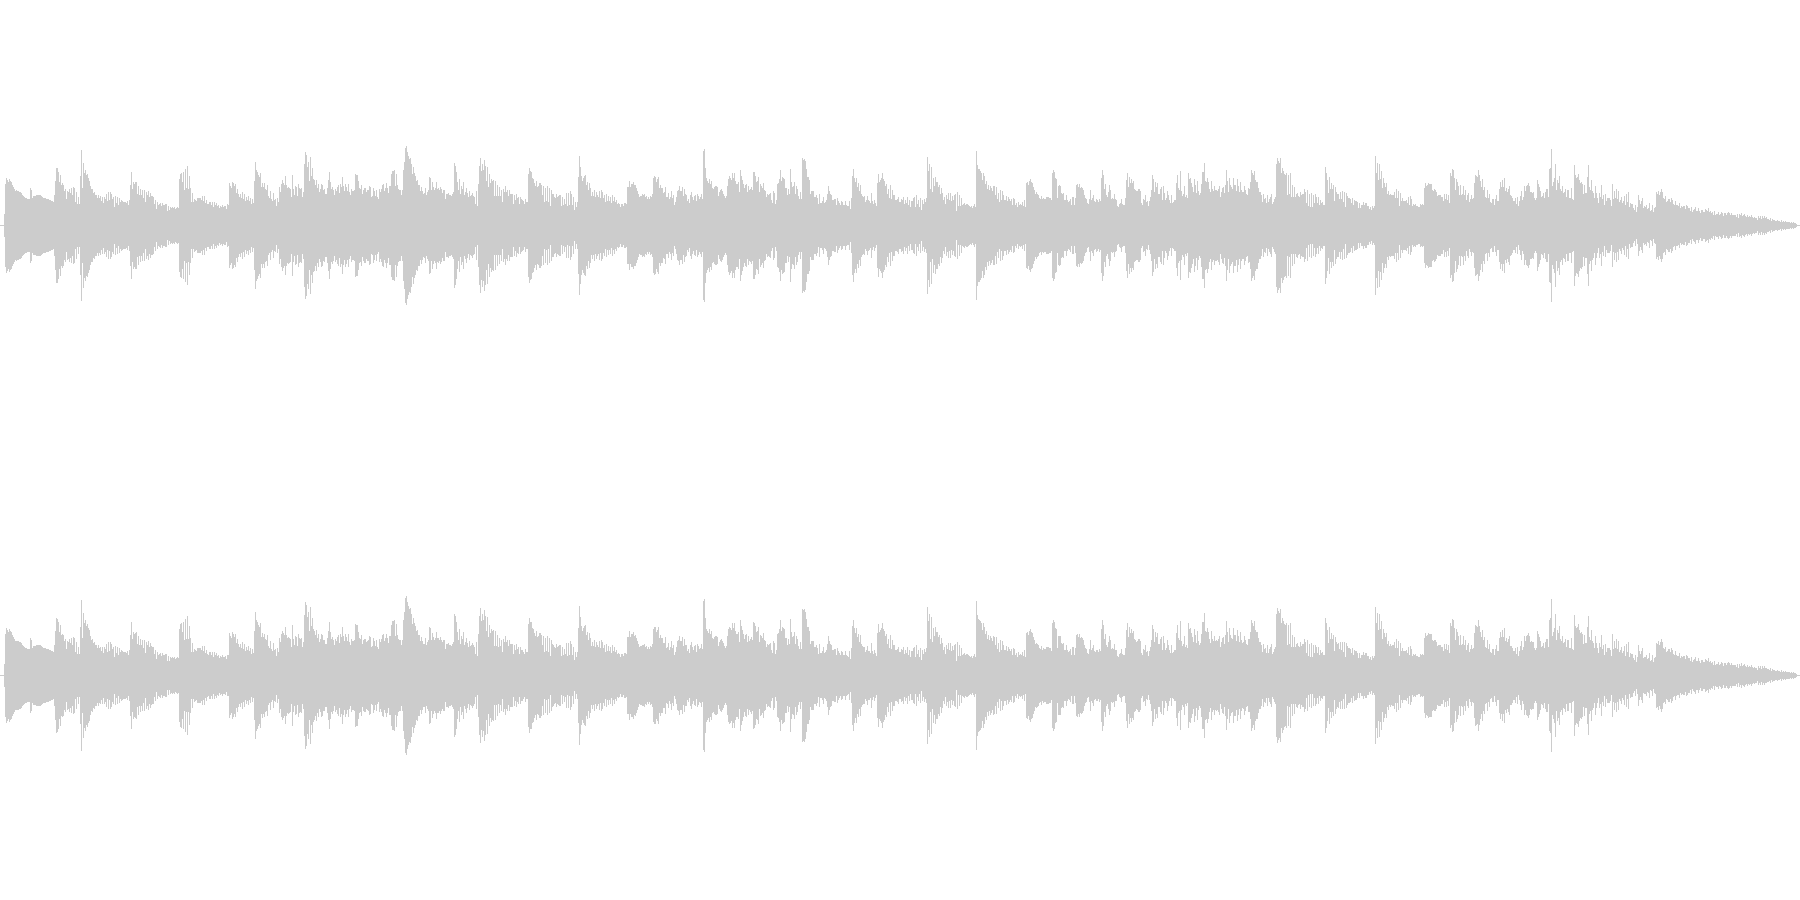 アラーム音-1 15秒の未再生の波形